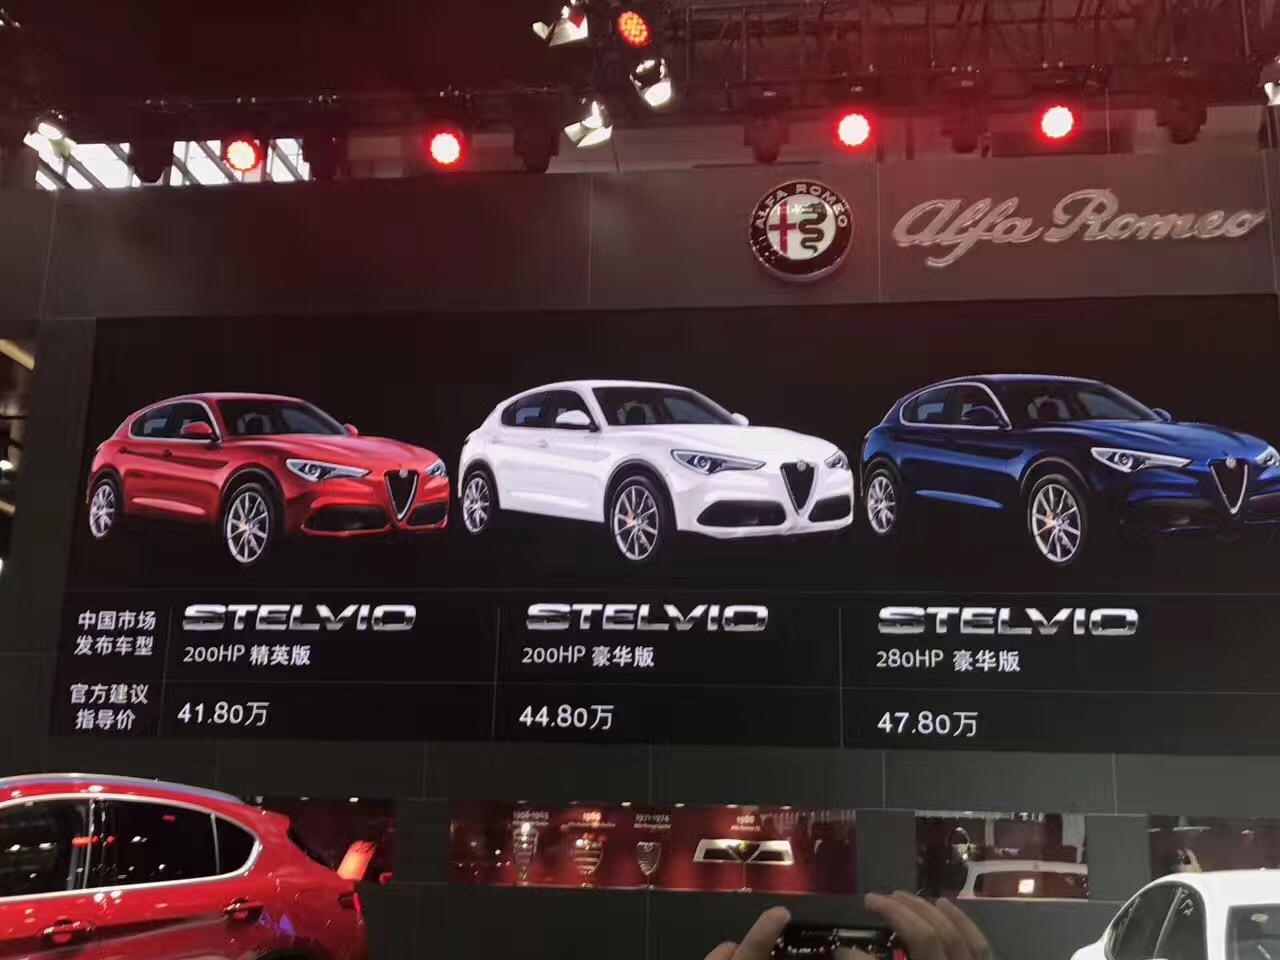 阿尔法·罗密欧新SUV国内上市 售价41.8万起